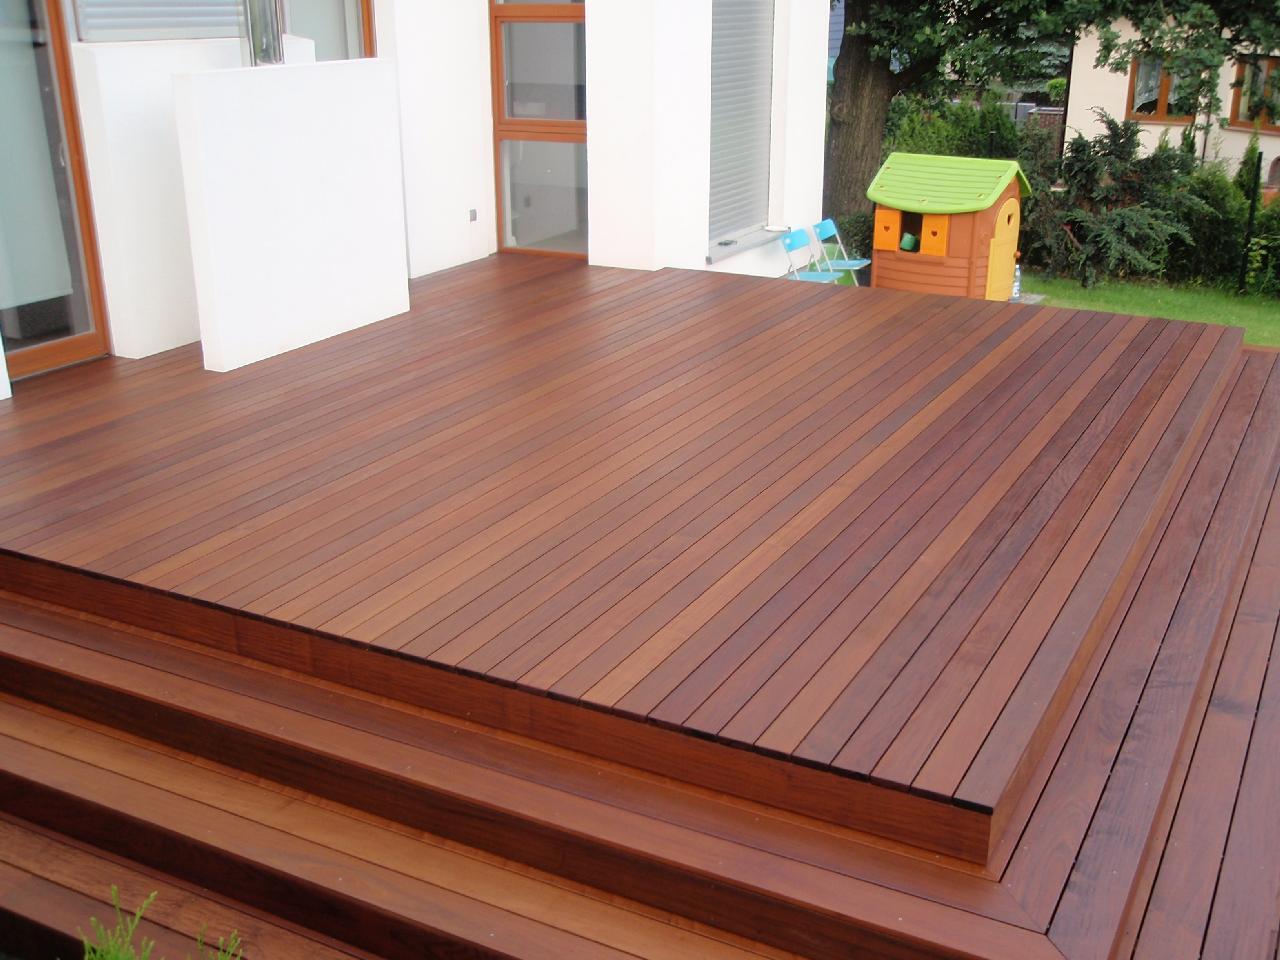 Podłogi Drewniane Na Taras Agregat Do Gipsowania